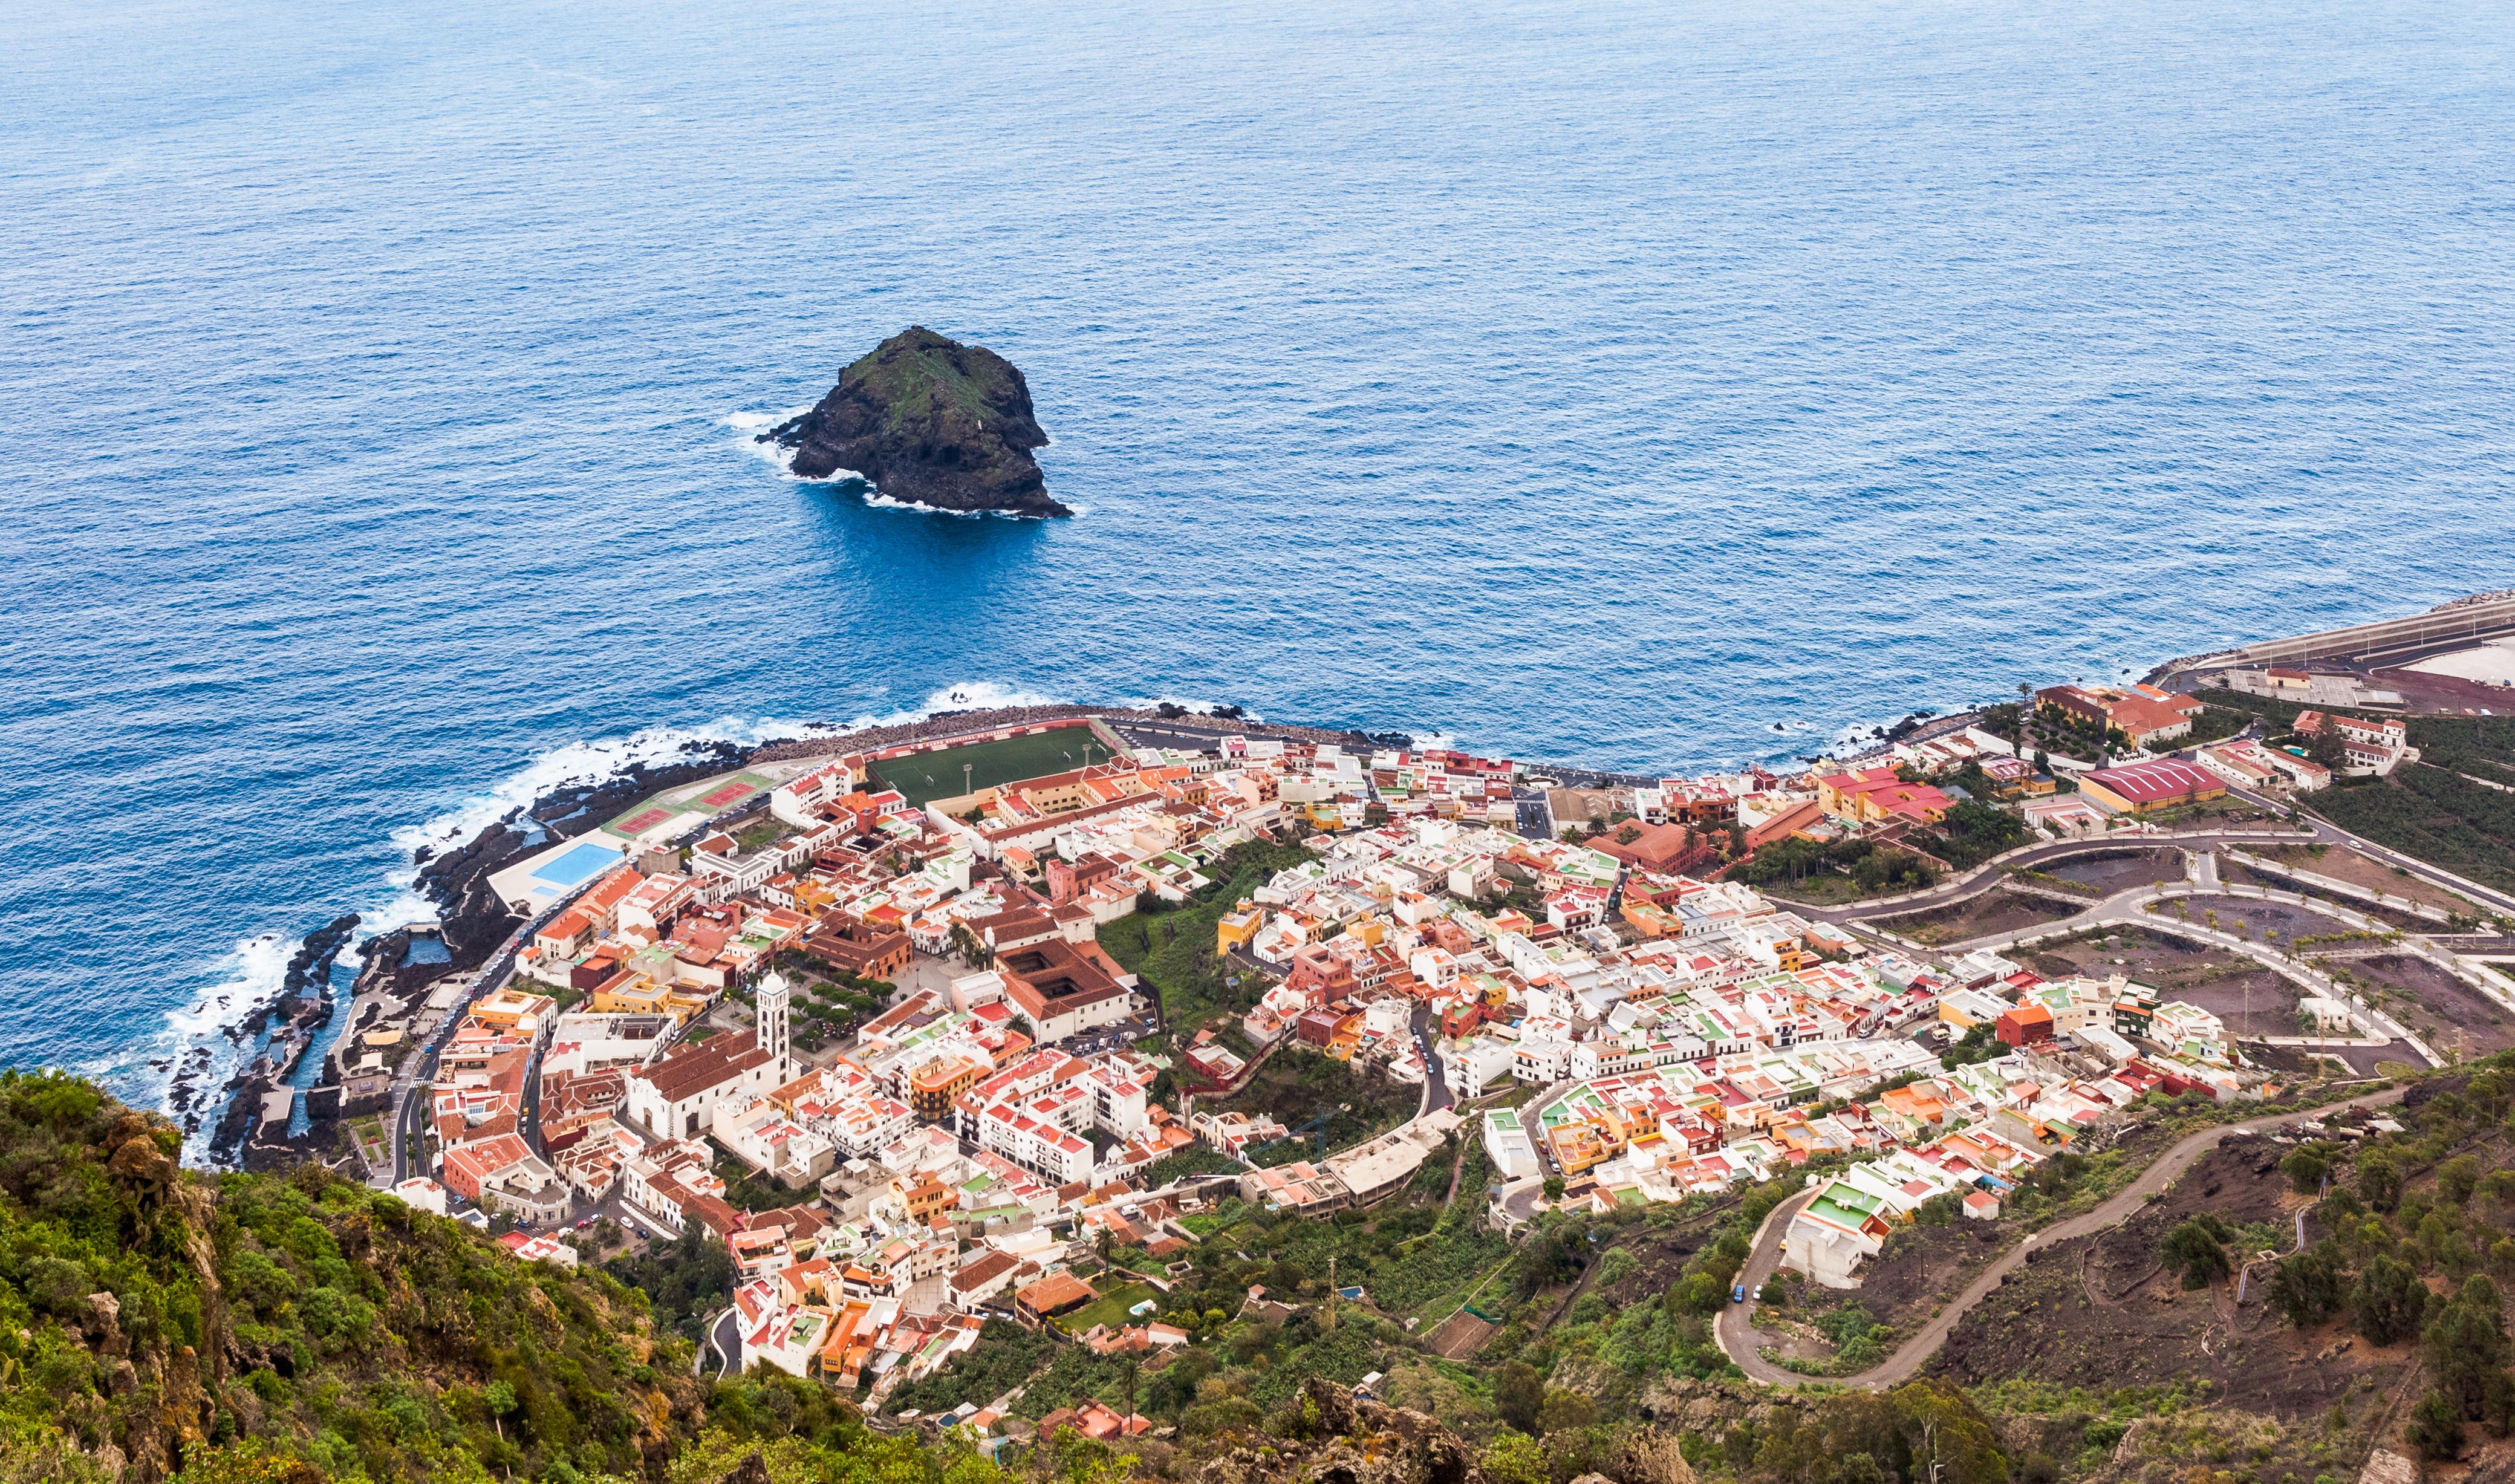 Vista_de_Garachico,_Tenerife2012-12-13